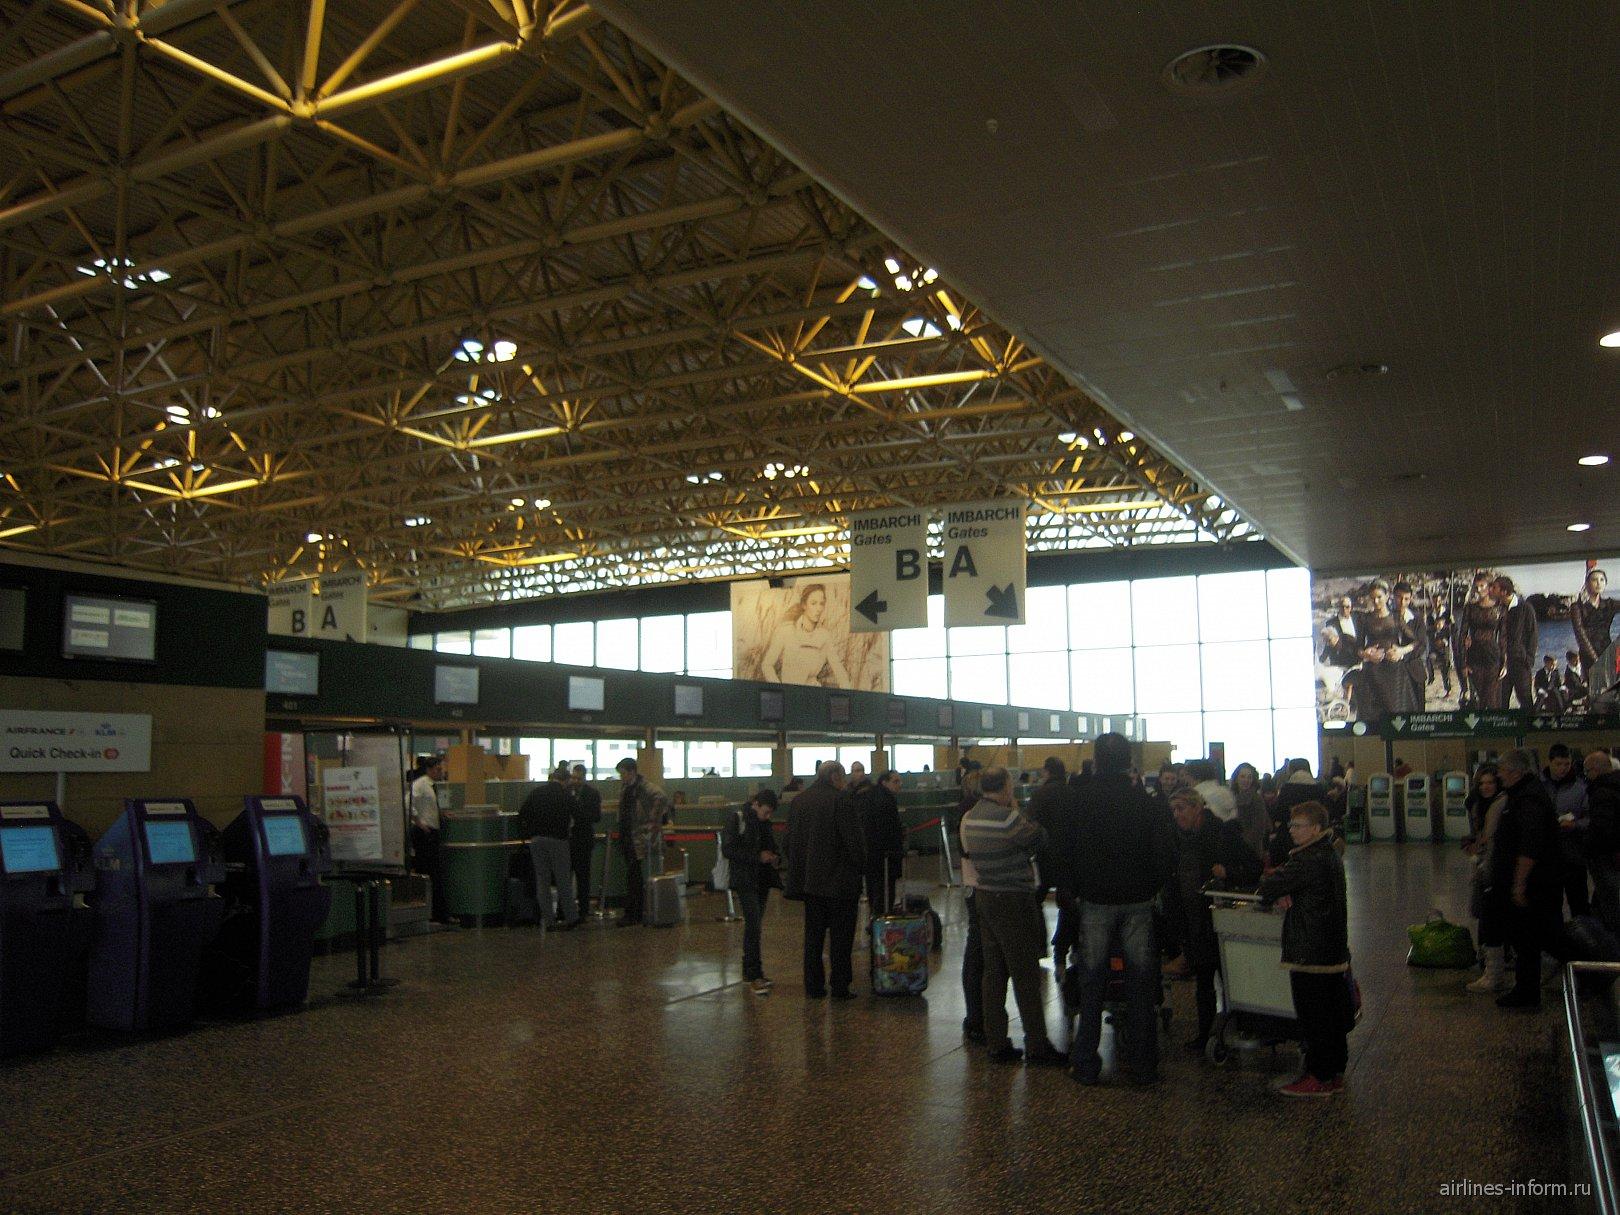 Стойки регистрации в аэропорту Милан Мальпенса